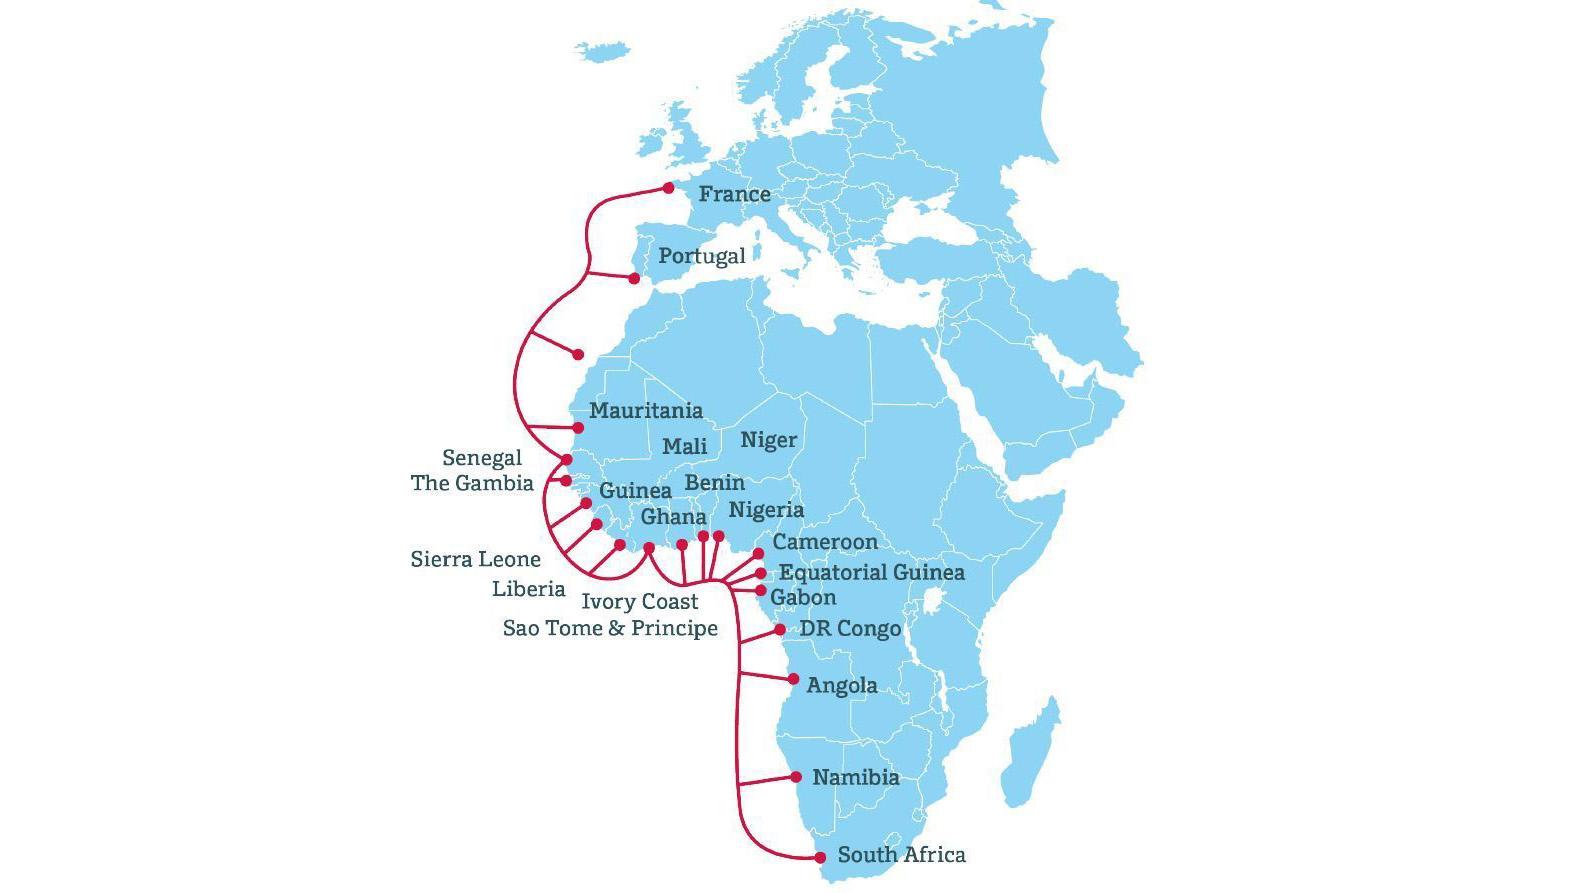 """Карта-схема кабеля <i><abbr title=""""African Coast to Europe"""">ACE</abbr> Submarine Cable</i>, из-за повреждения которого Западная Африка двое суток испытывала сложности сдоступом всеть."""